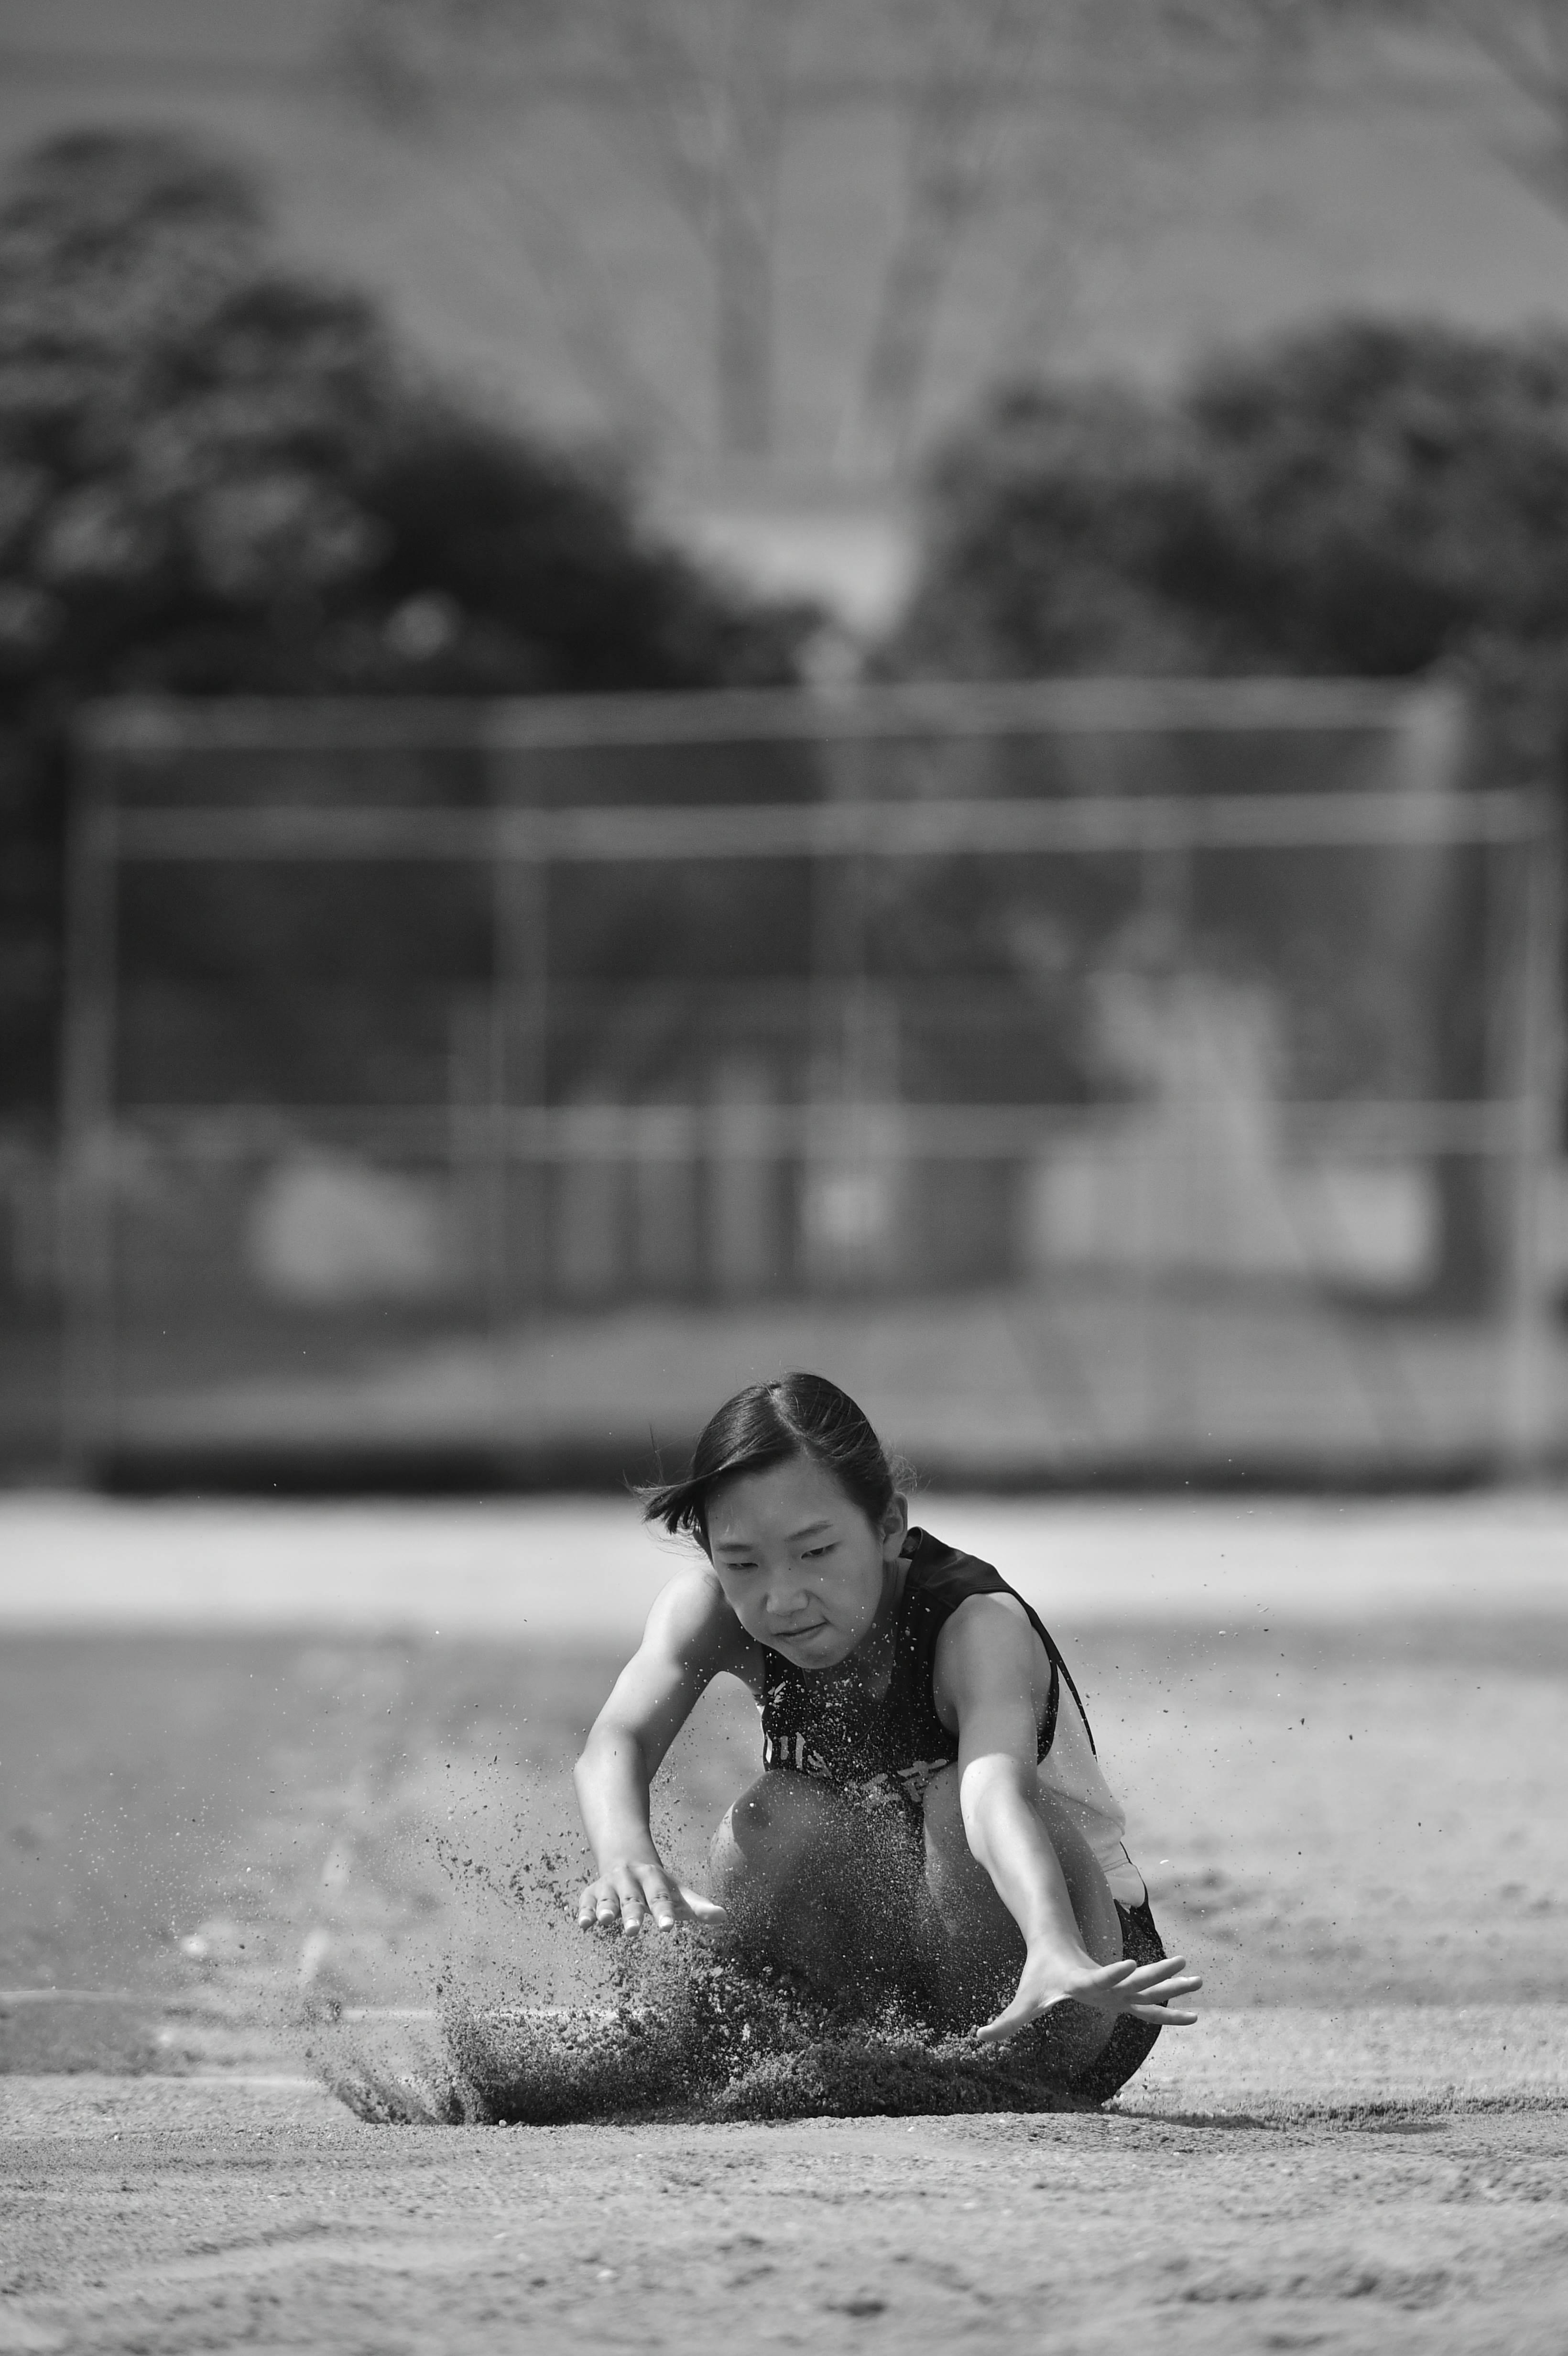 陸上競技 (123)